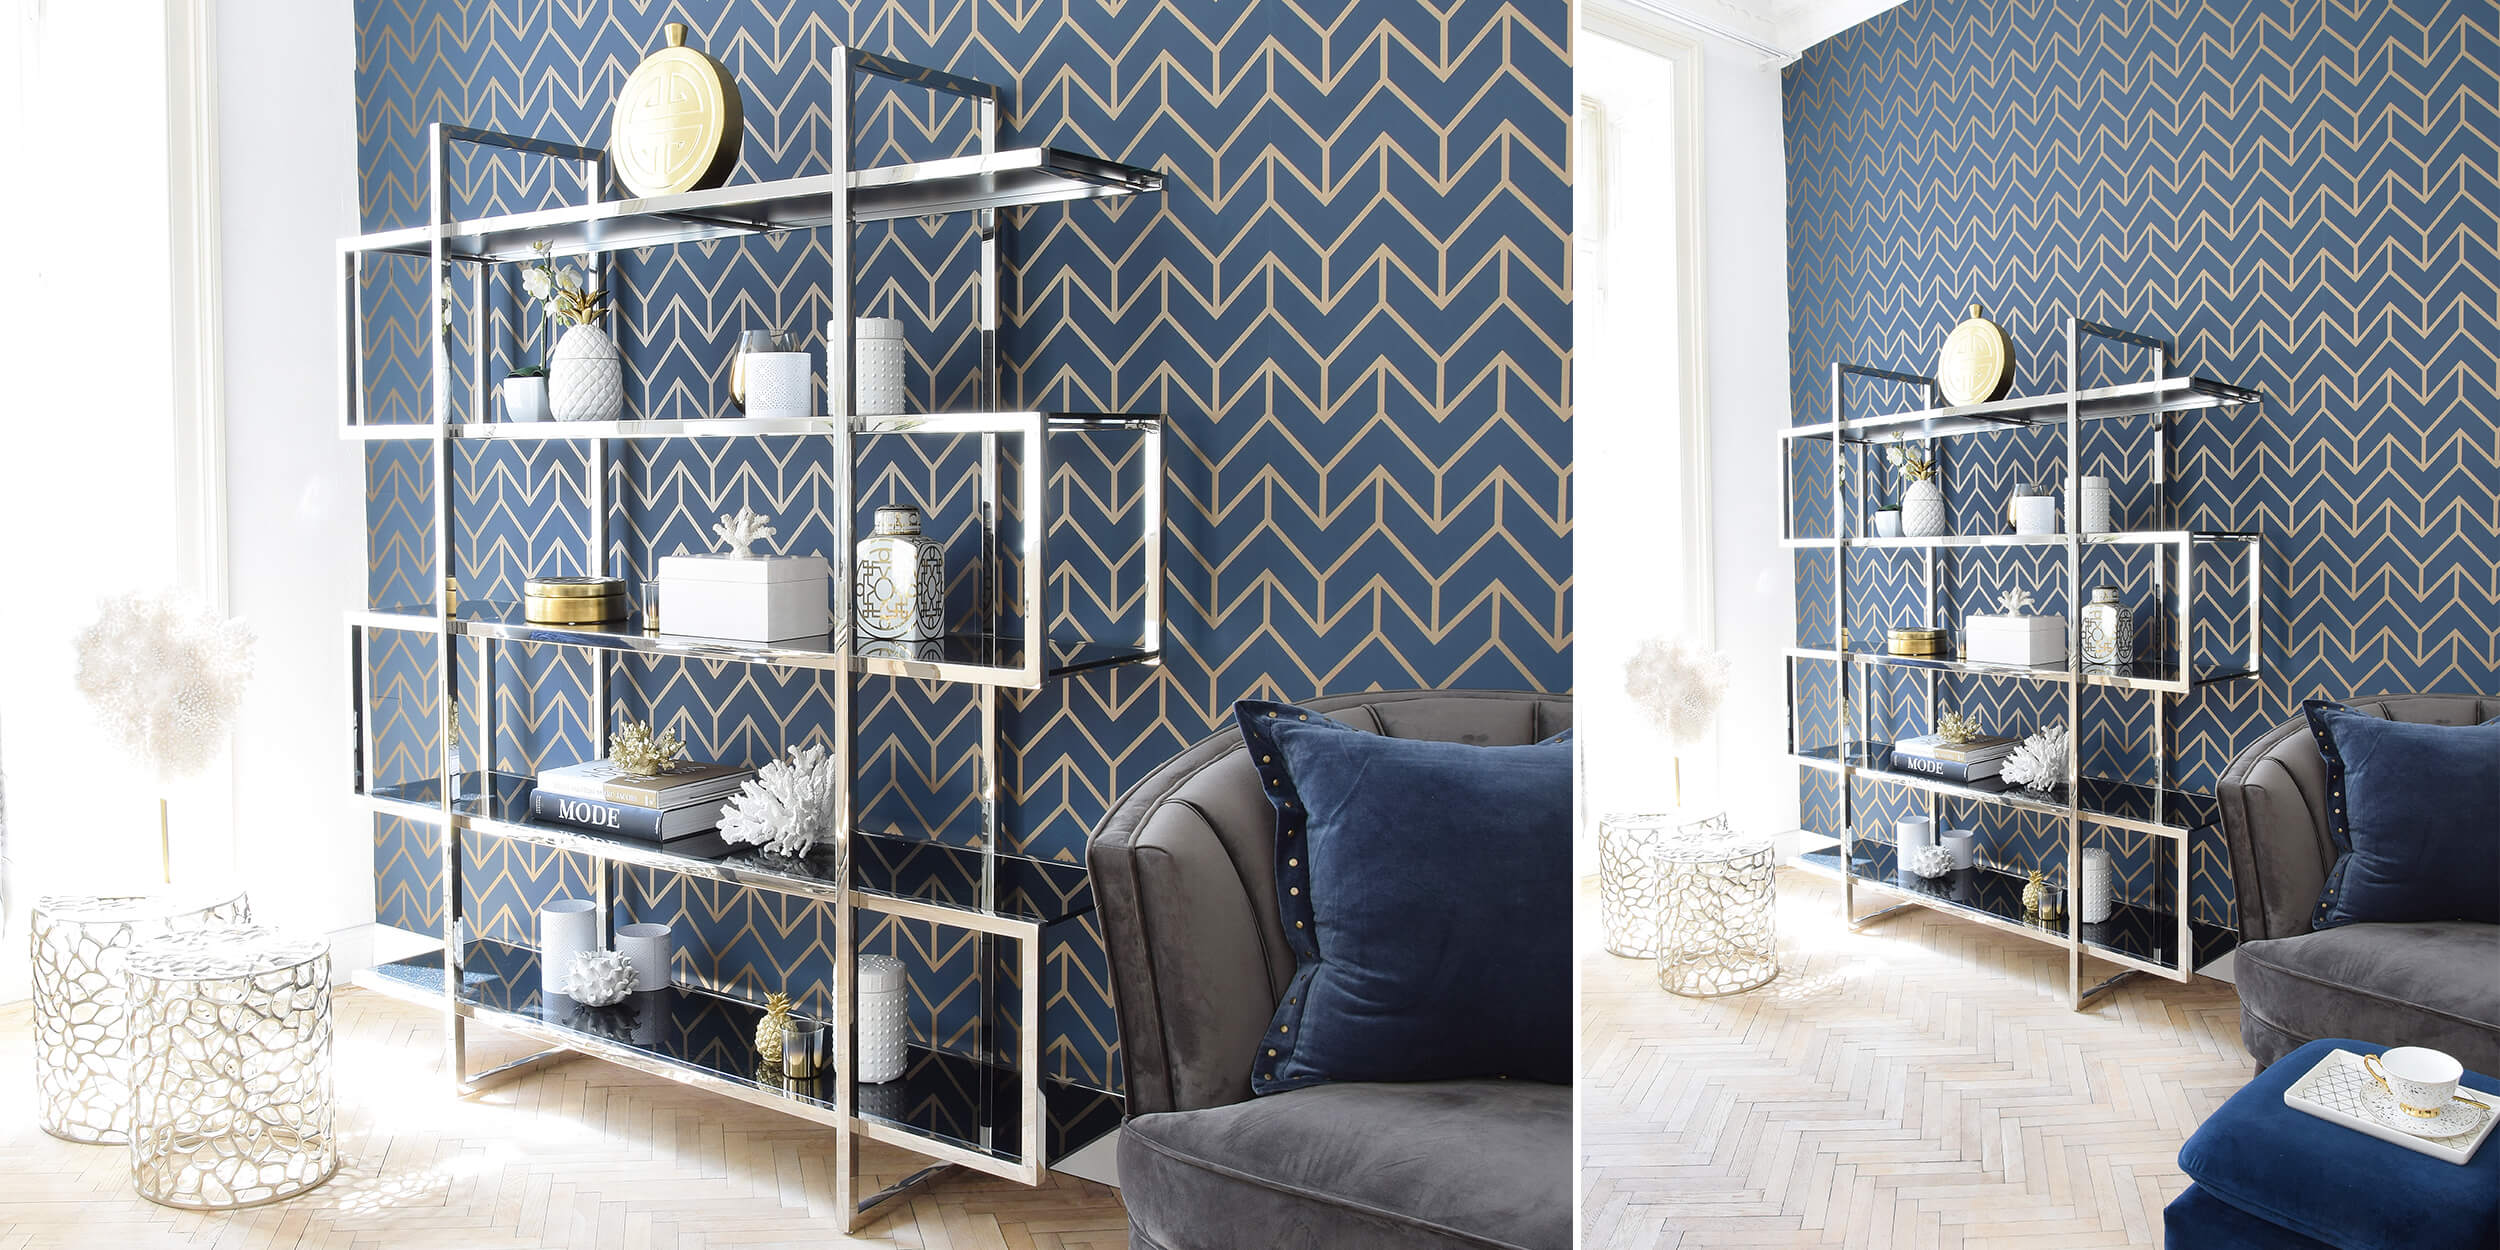 Modernes Bücherregal stylish dekoriert :)